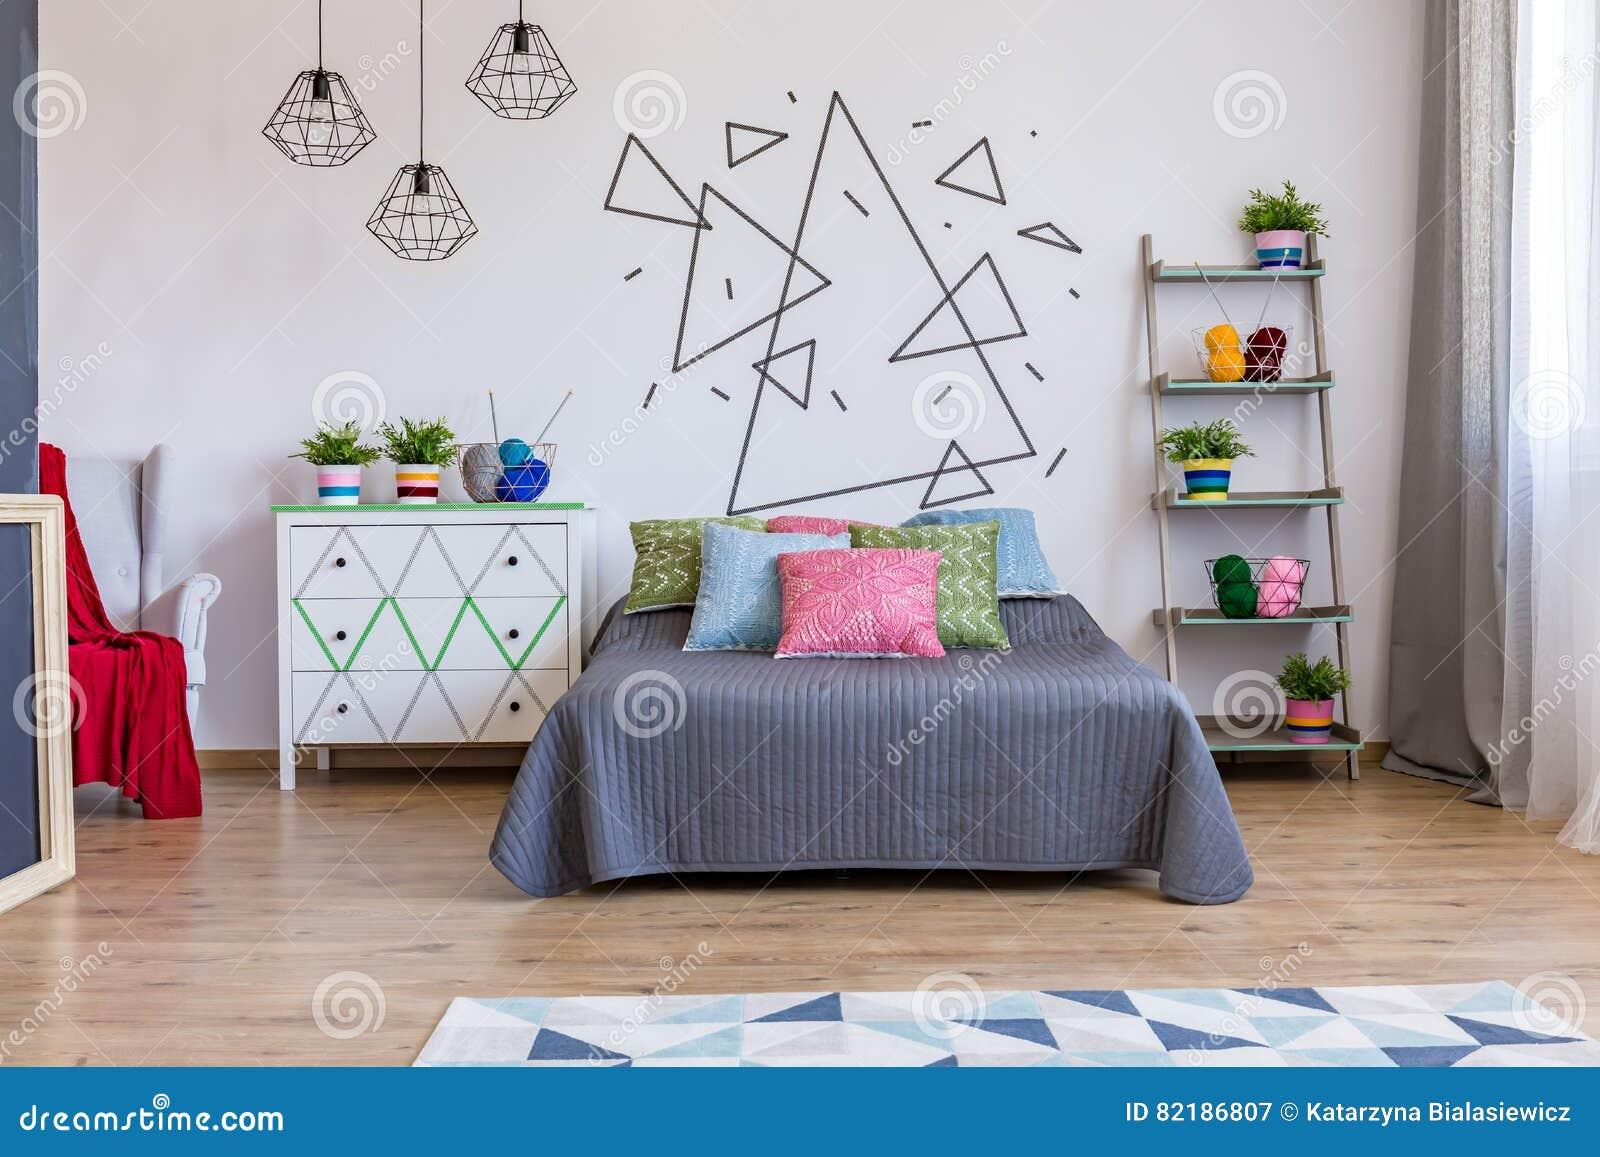 Helles Schlafzimmer Mit Kommode Und Bett Stockbild Bild Von Haus